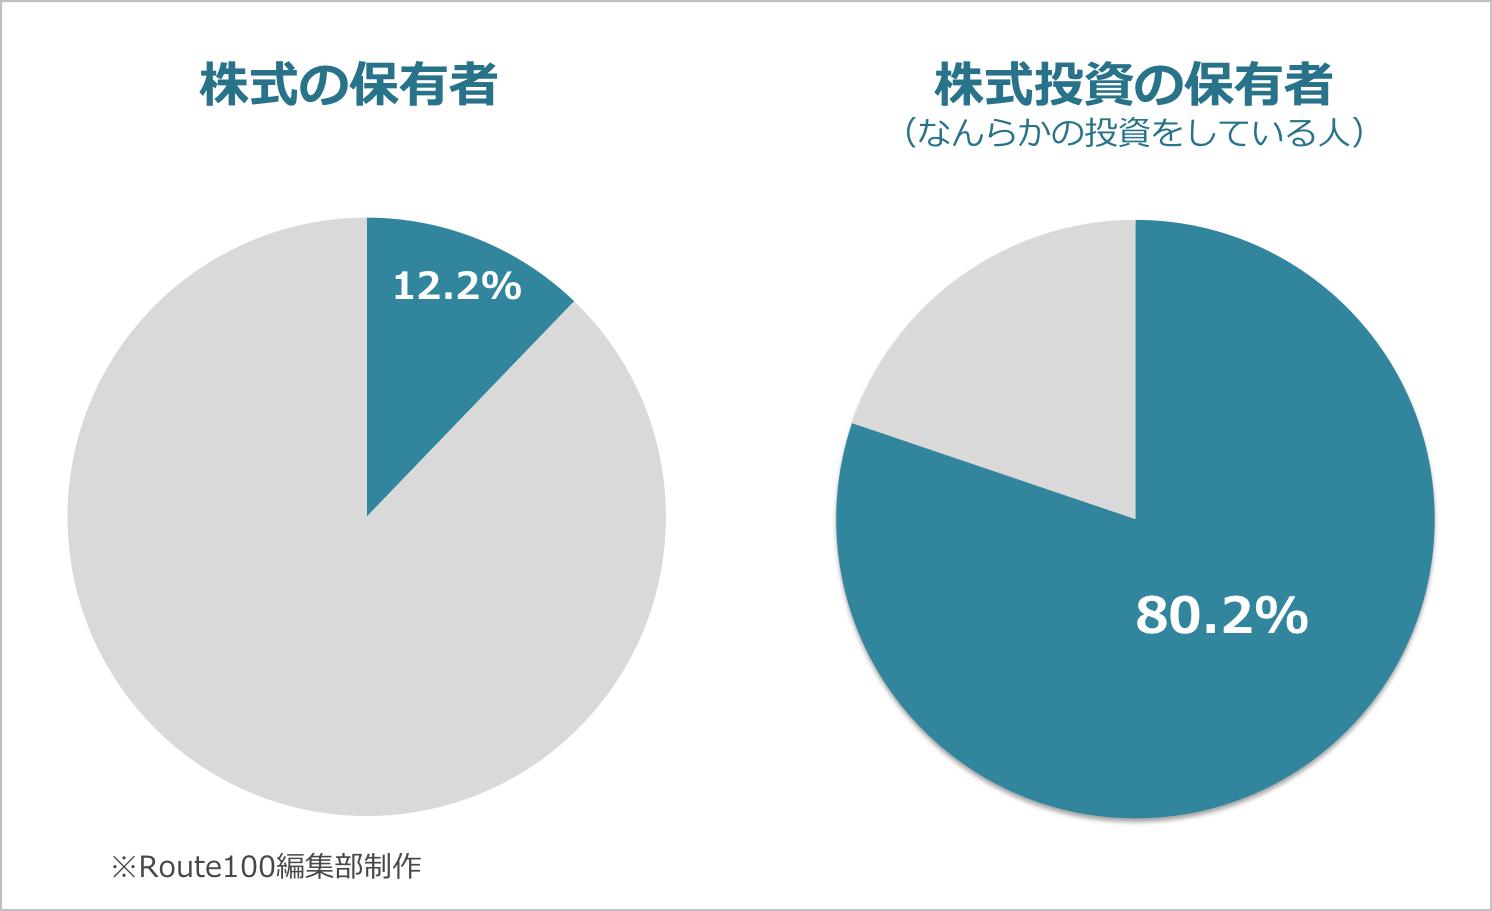 株式の保有者割合